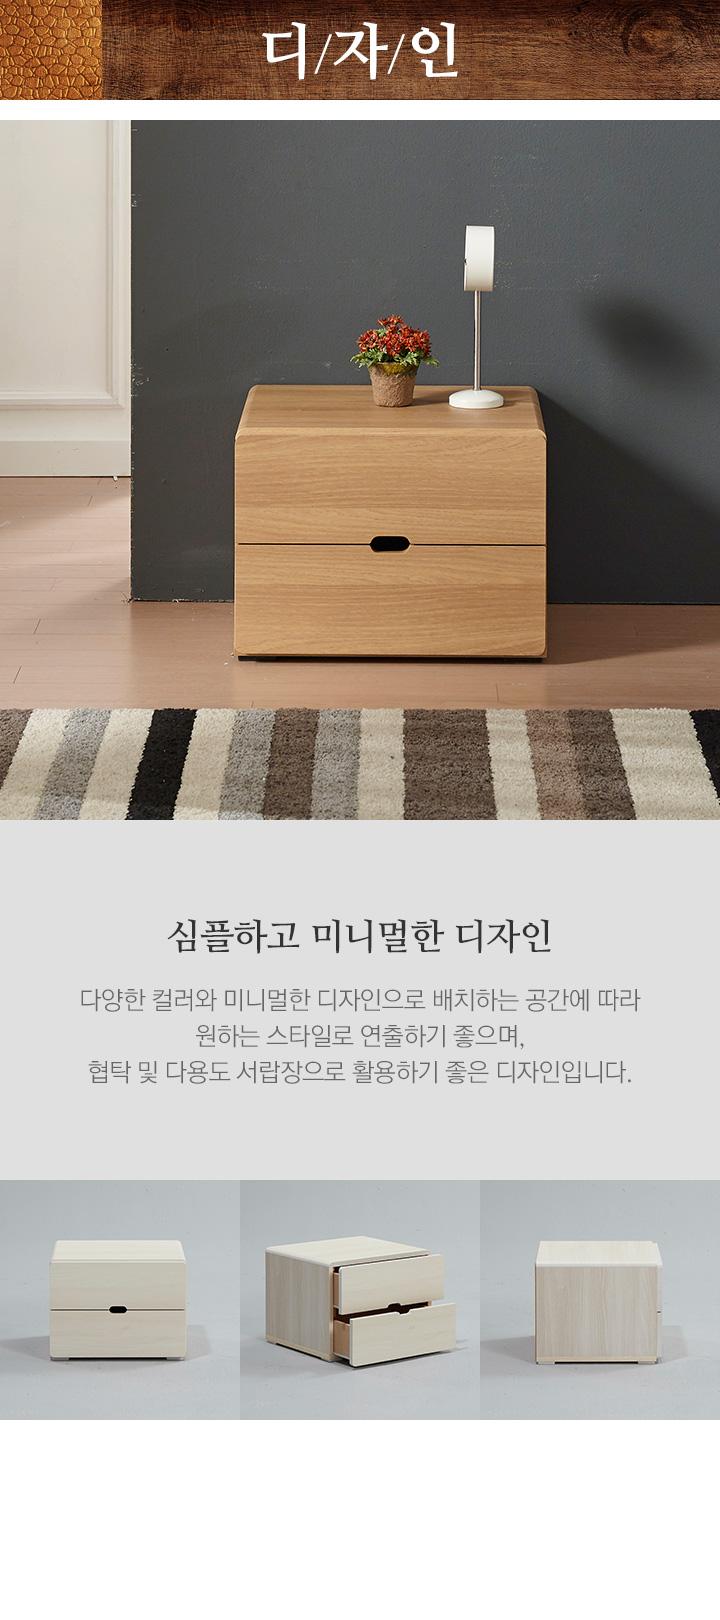 로쏘 미니서랍장 2단 - 로쏘, 30,980원, 서랍장, 다용도 서랍장